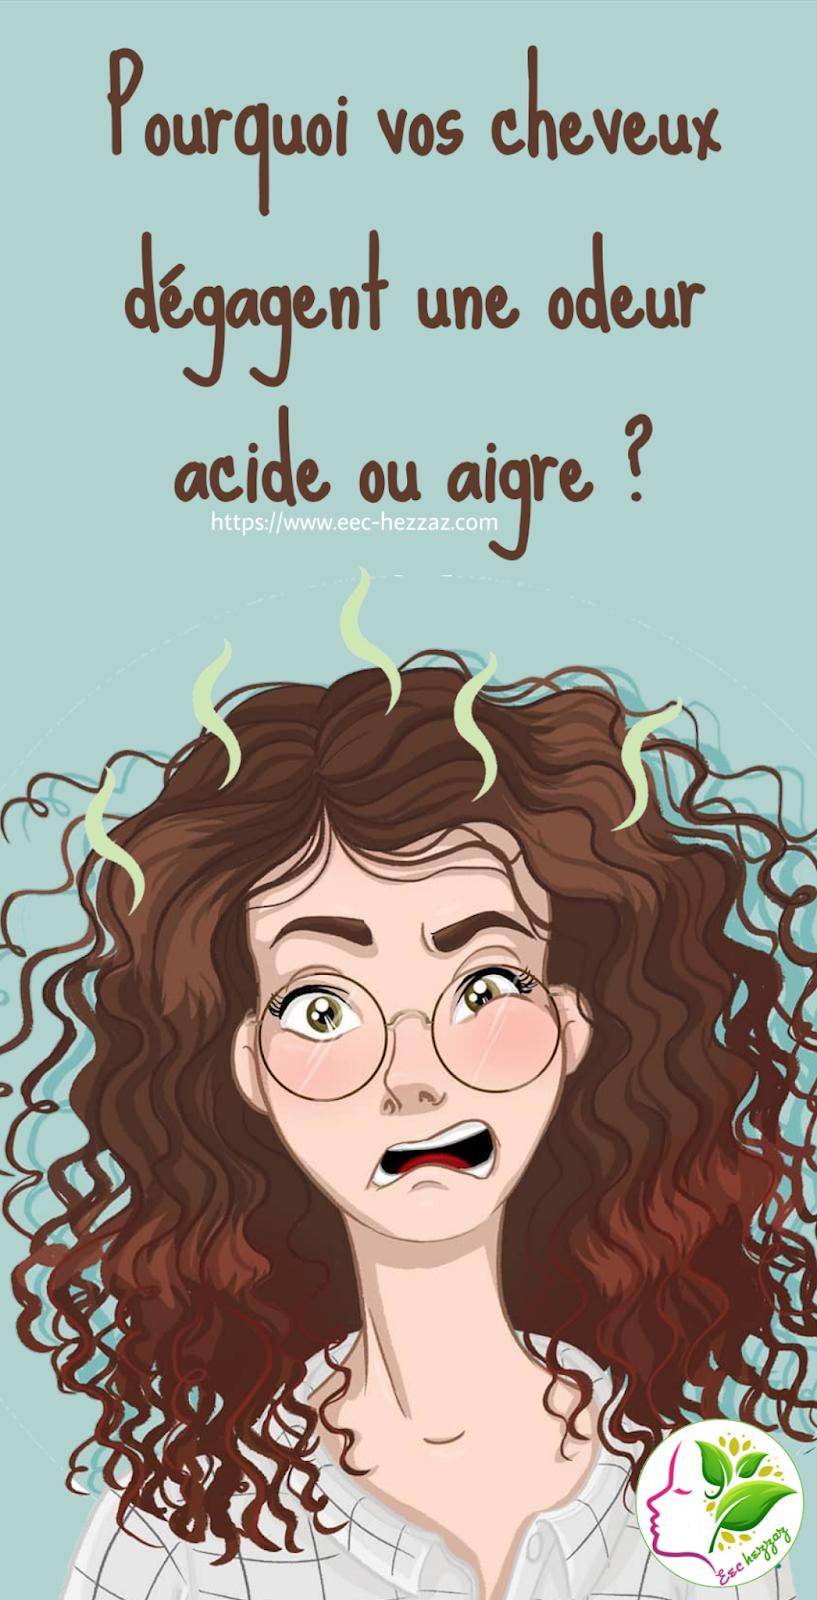 Pourquoi vos cheveux dégagent une odeur acide ou aigre ?